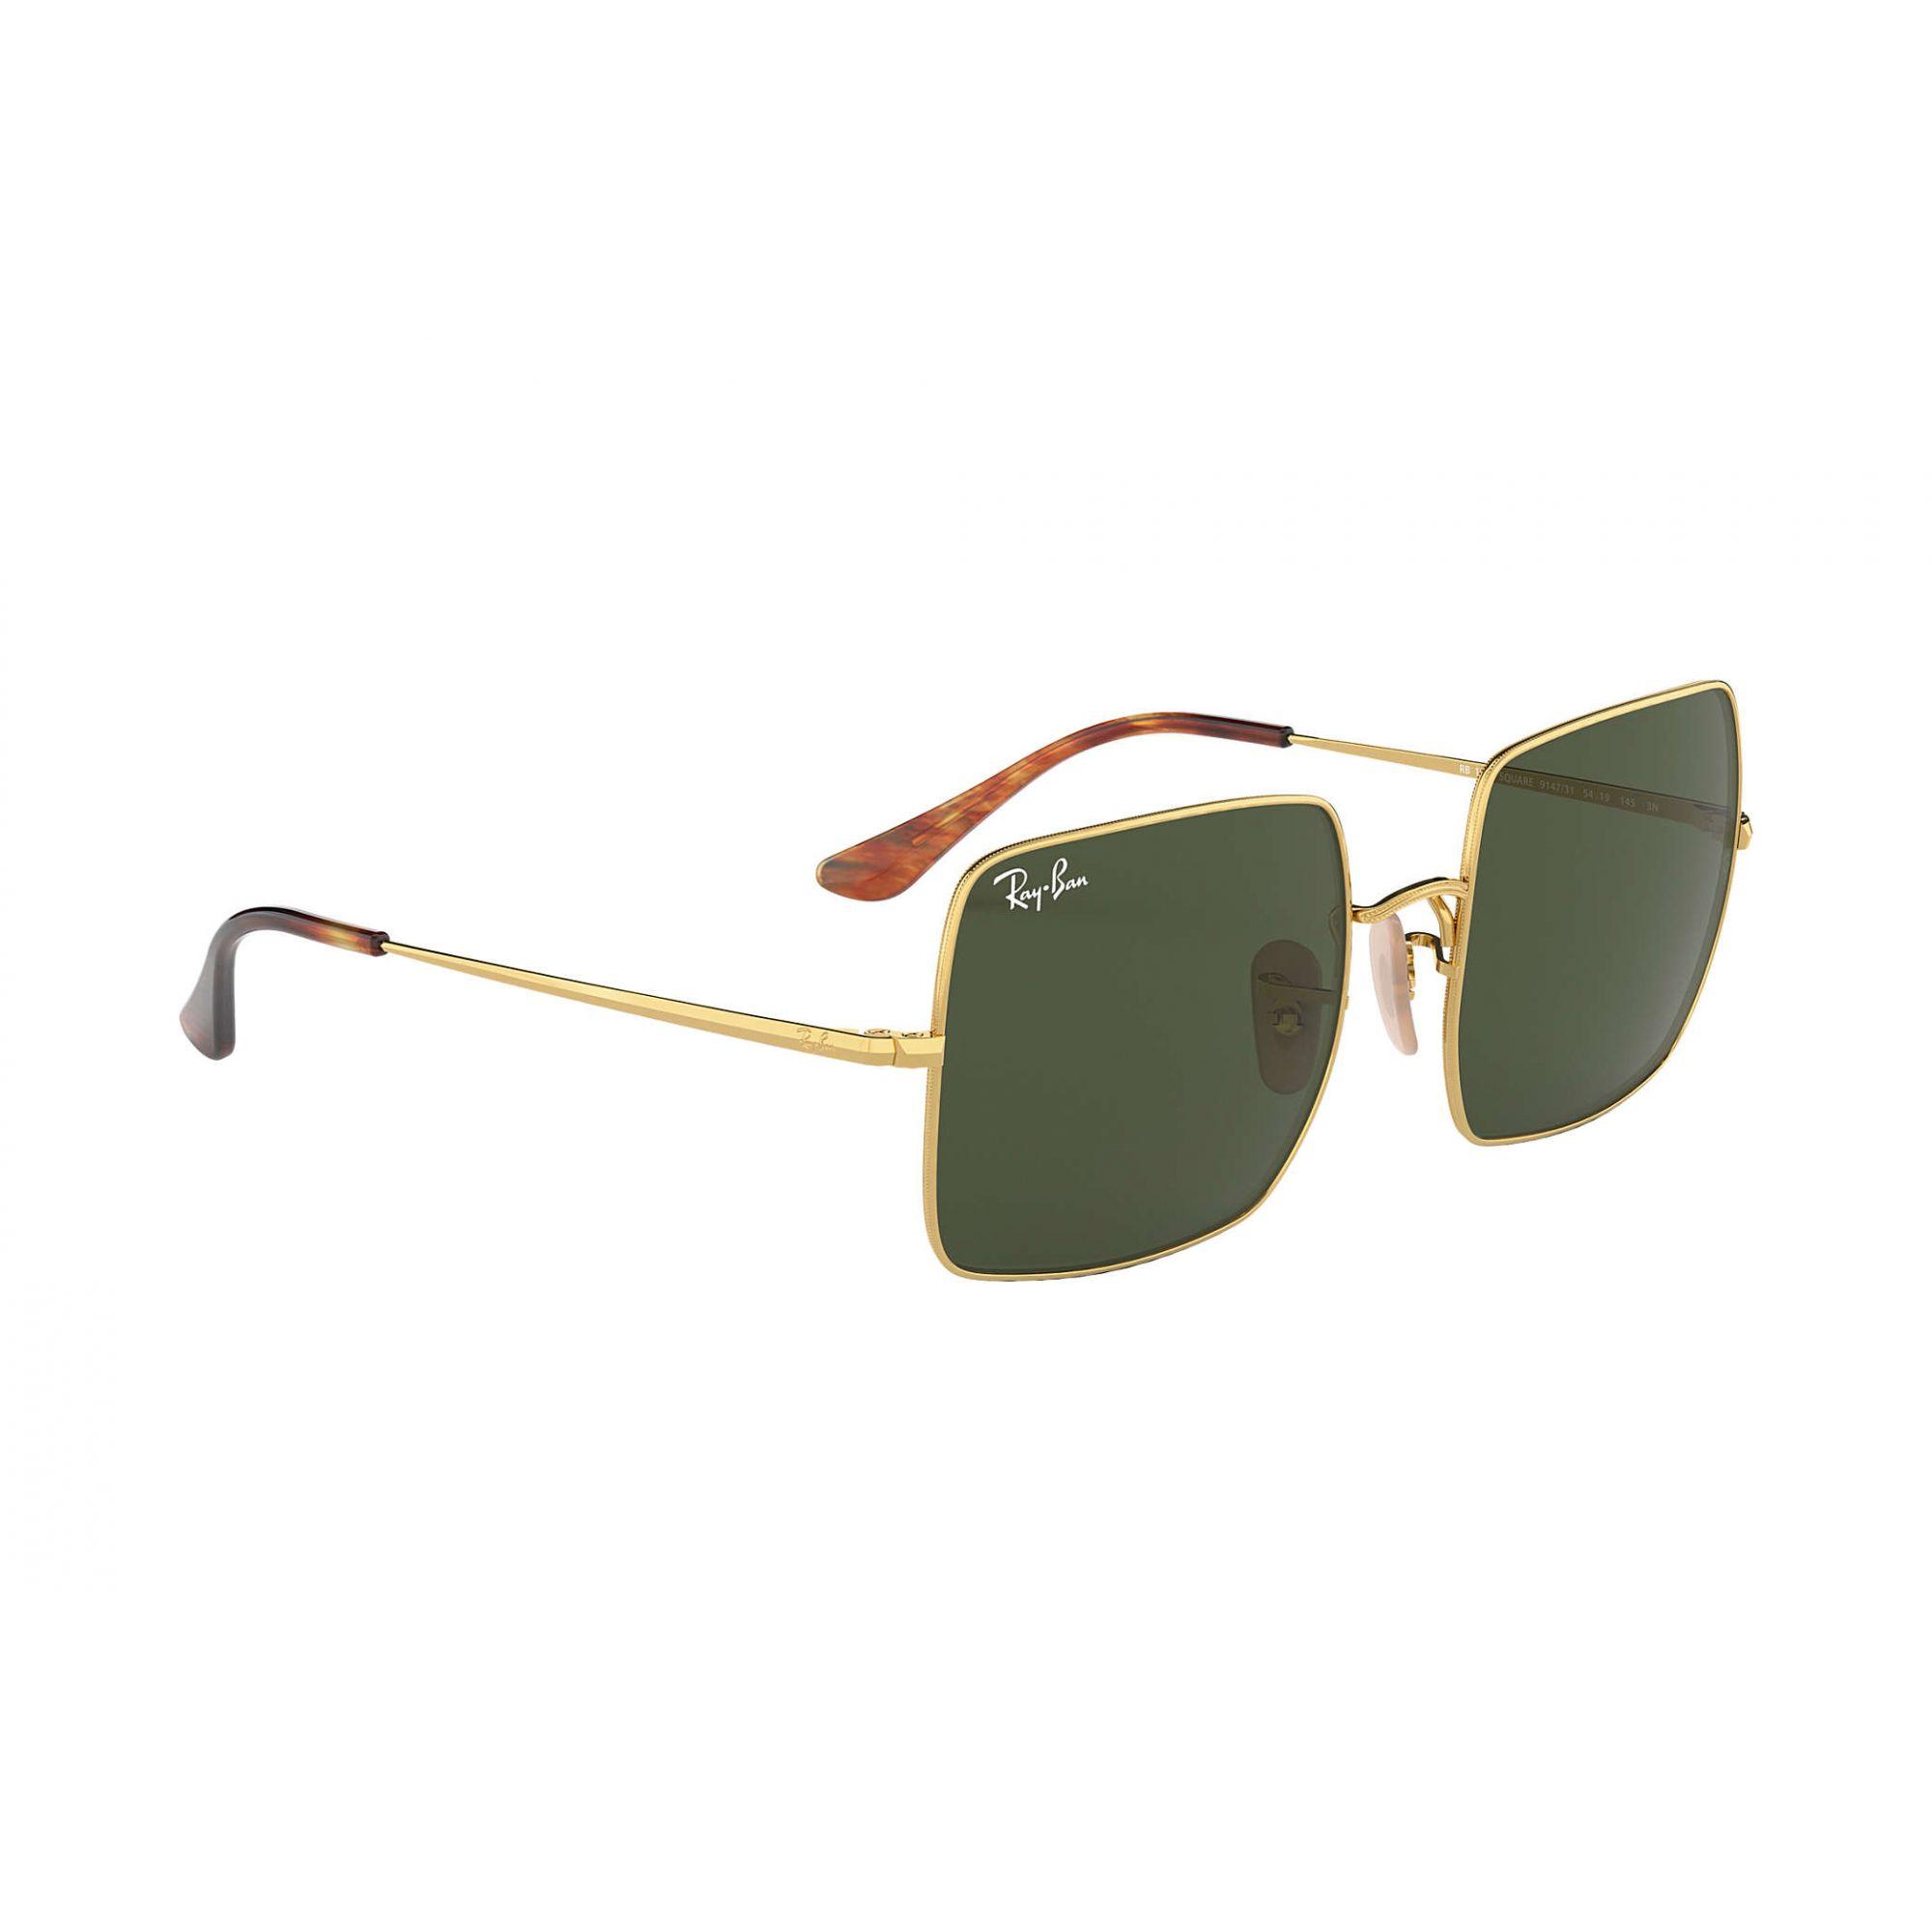 Ray Ban - RB1971 914731 - Óculos de sol